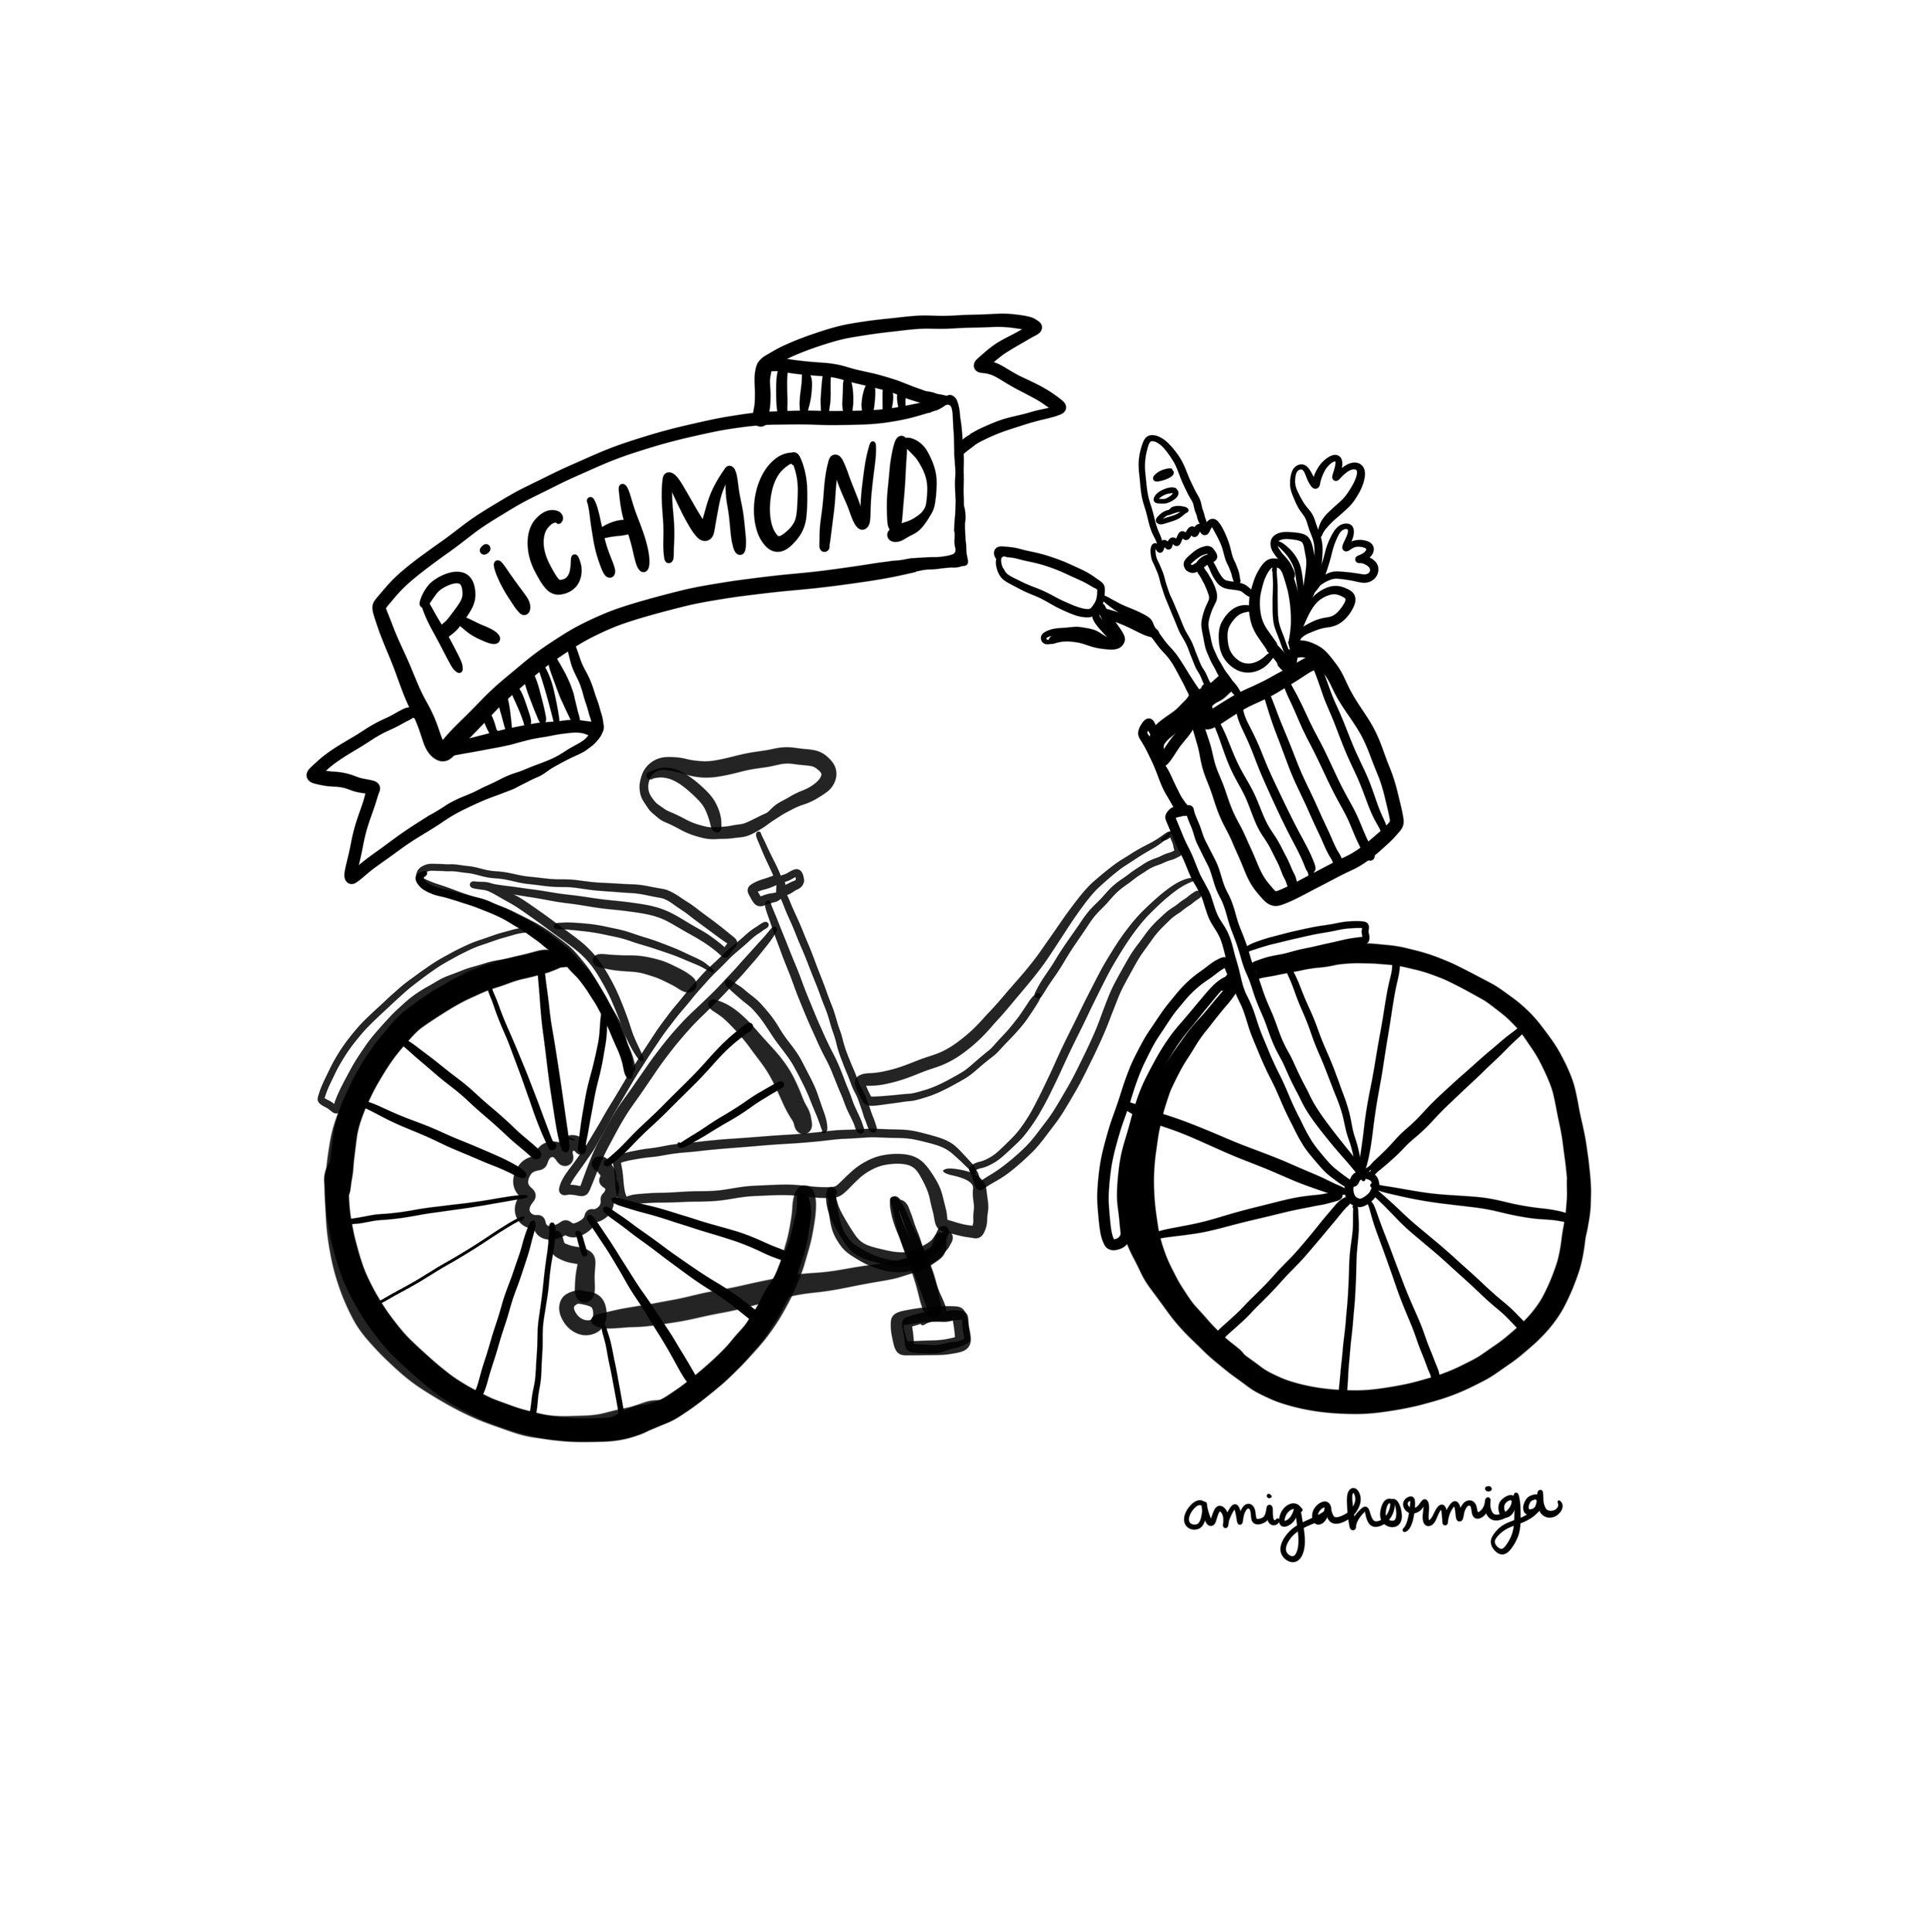 RichmondBike.jpg